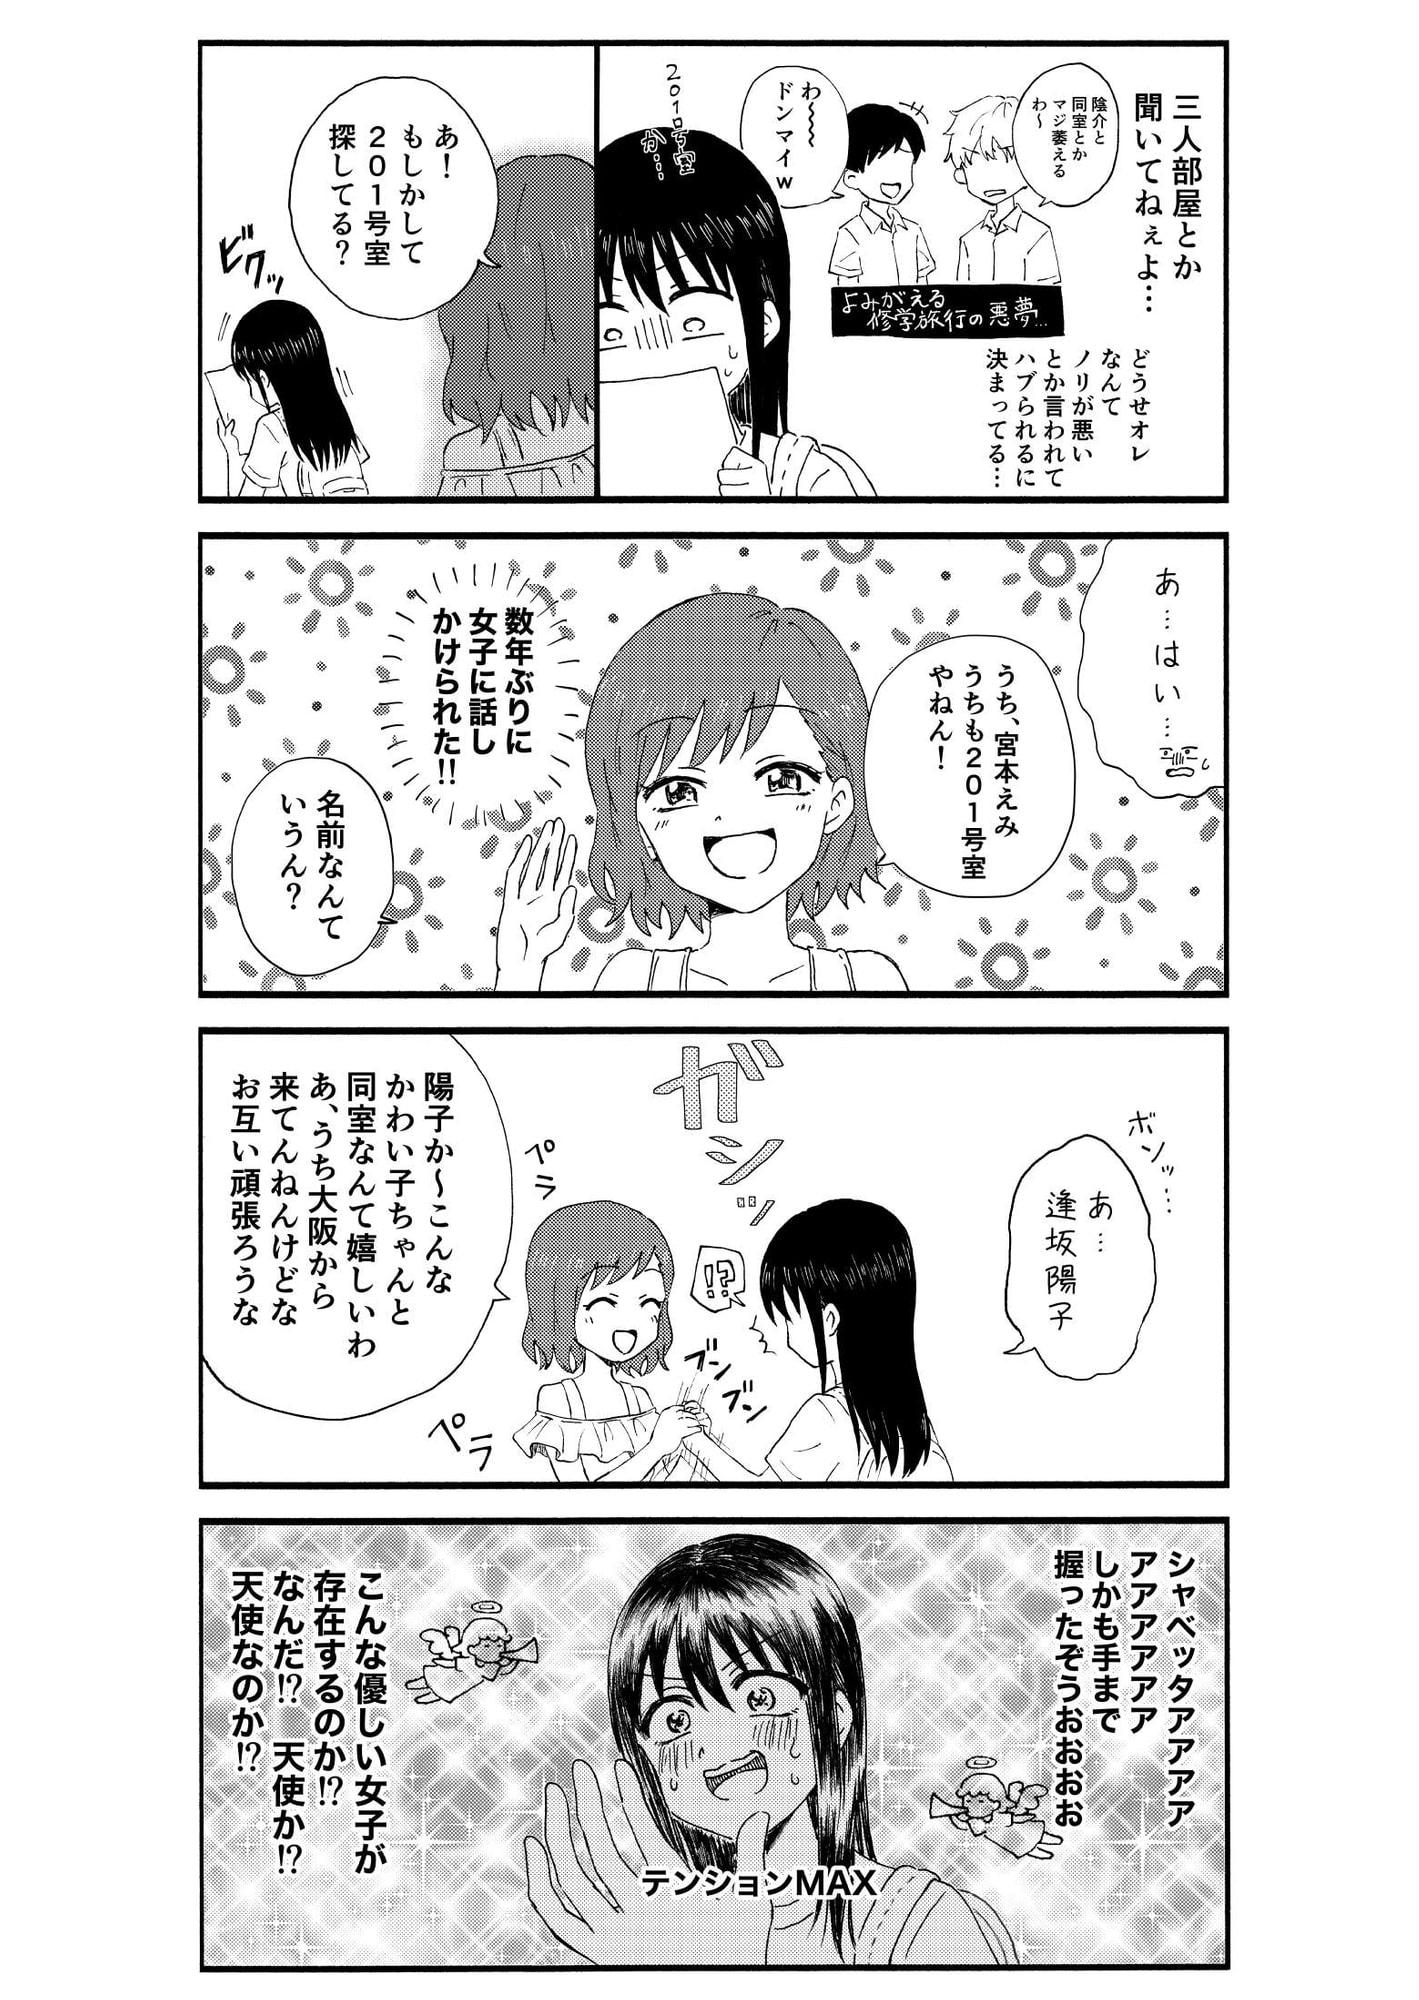 キモオタ、アイドルやるってよ(1)のサンプル画像2